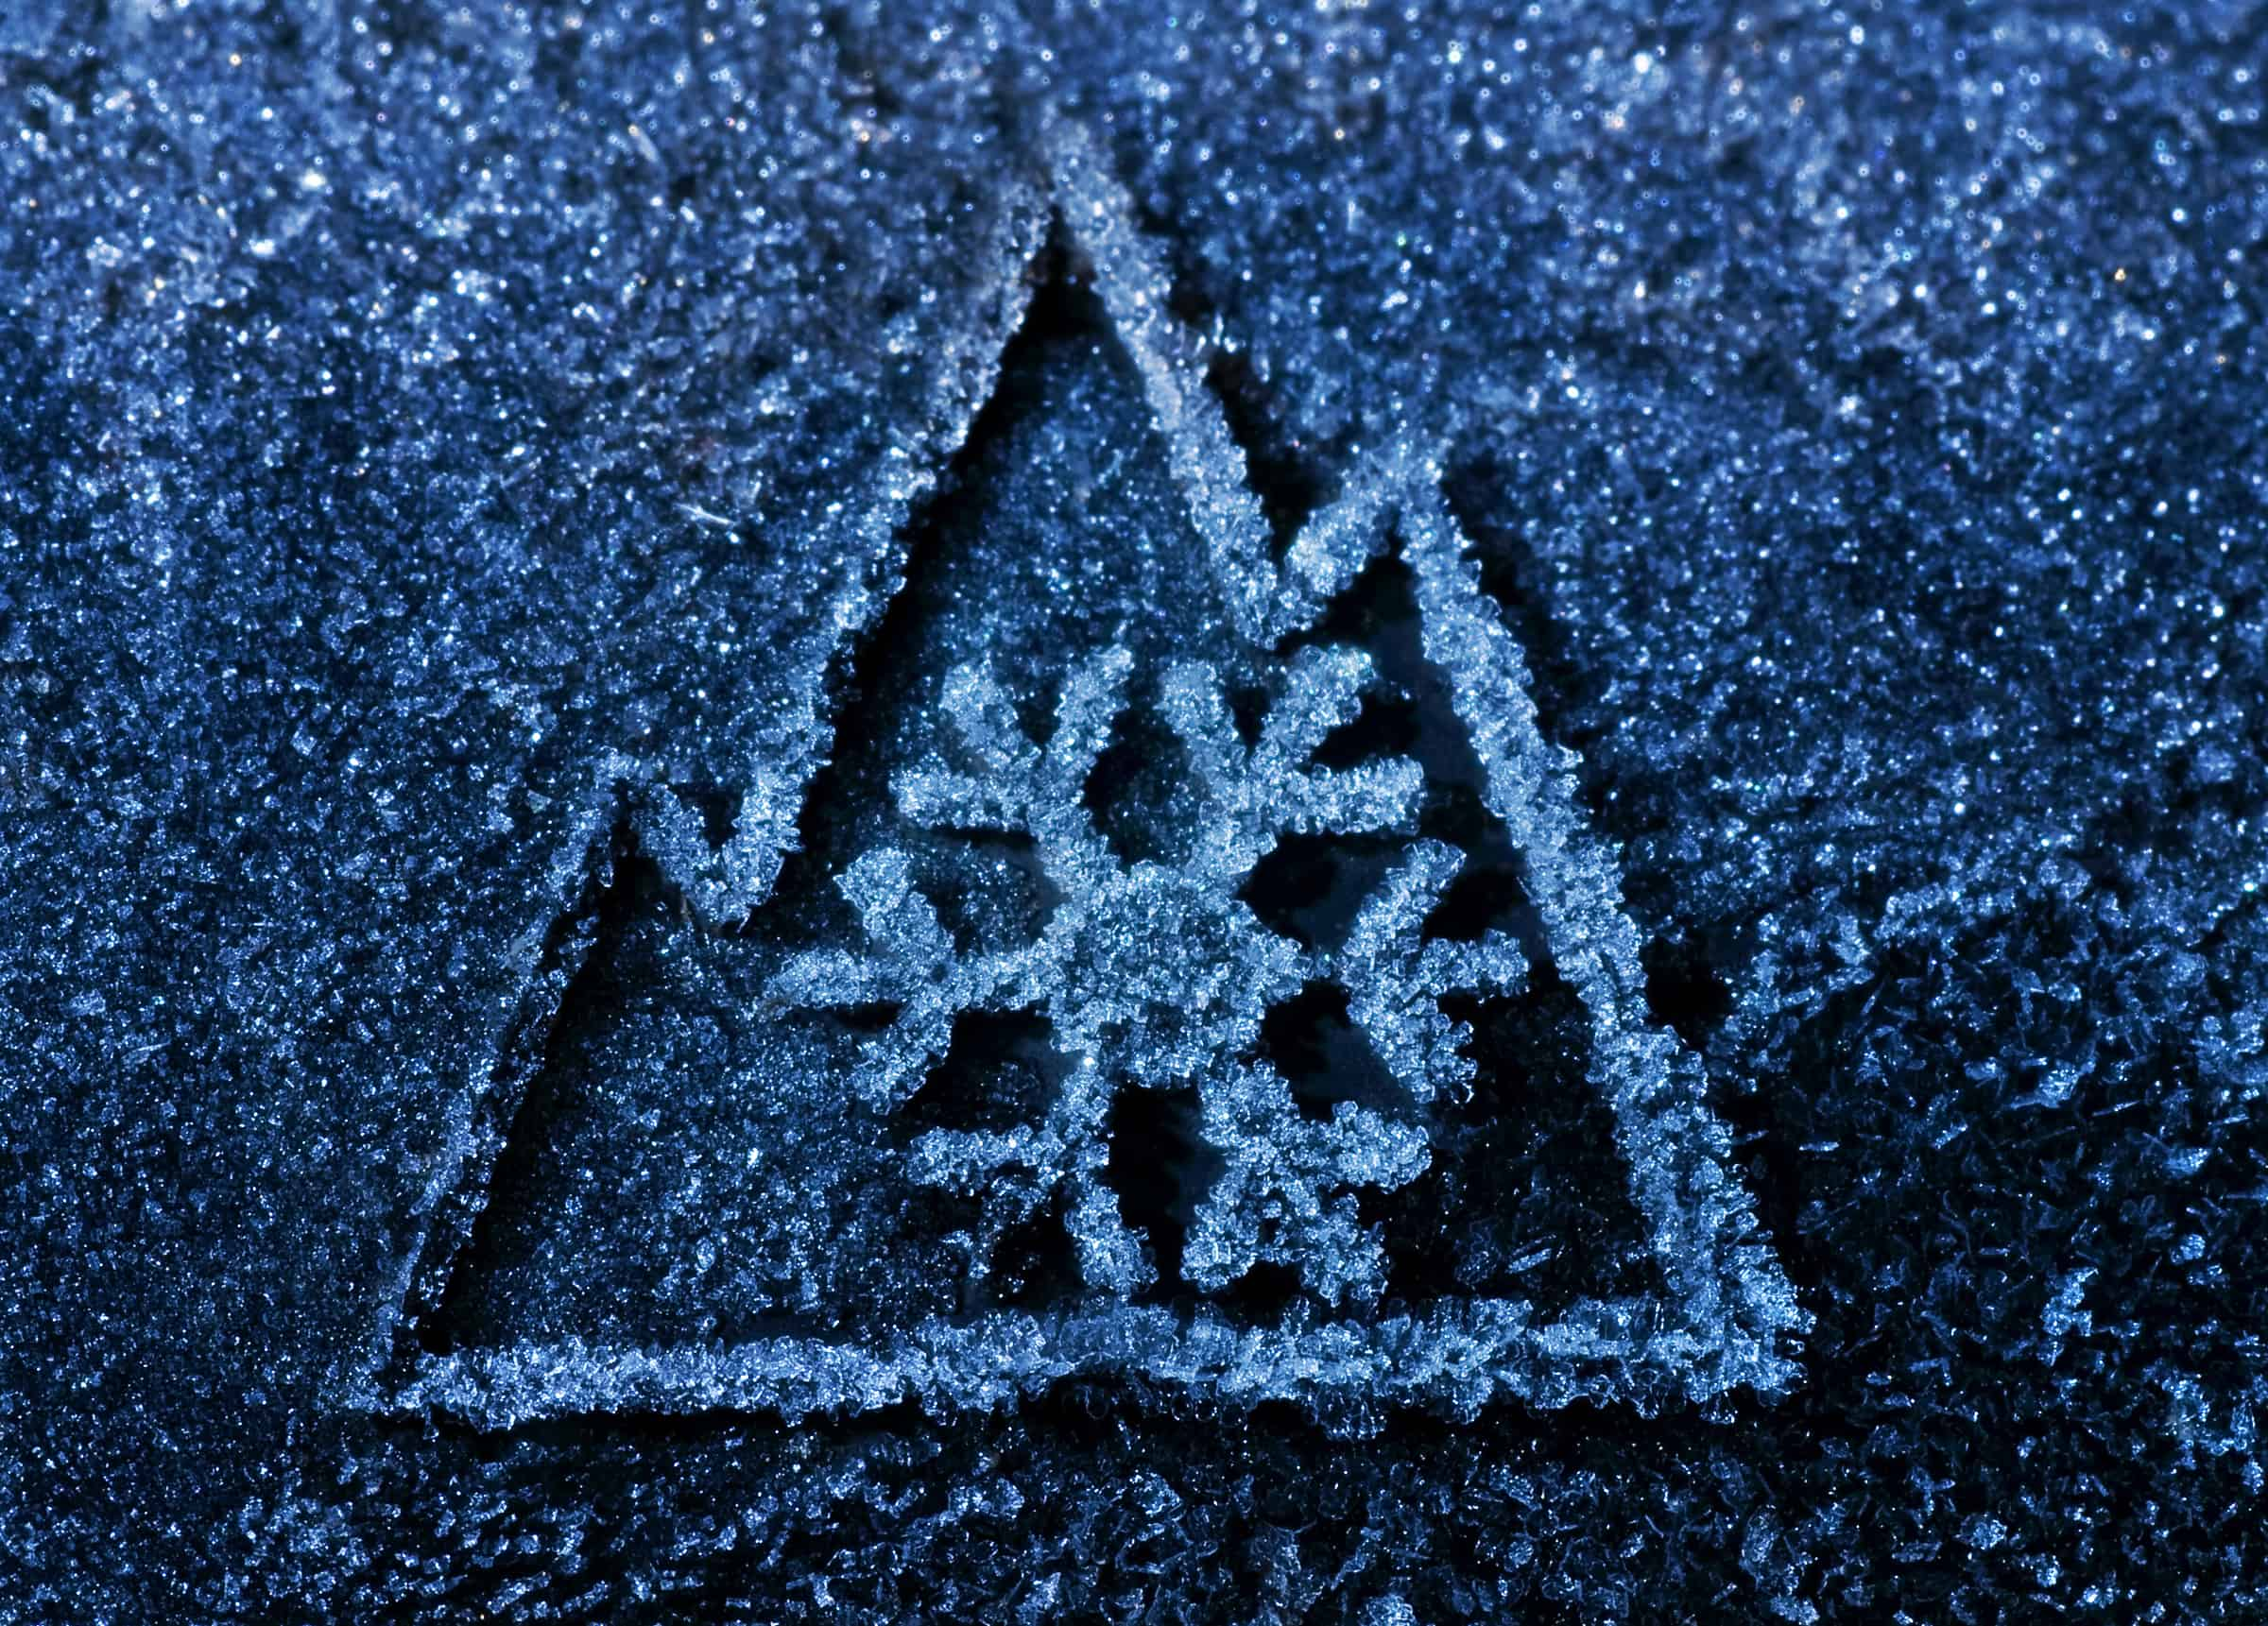 Il simbolo di un fiocco di neve sullo sfondo di una montagna identifica i pneumatici invernali/termici